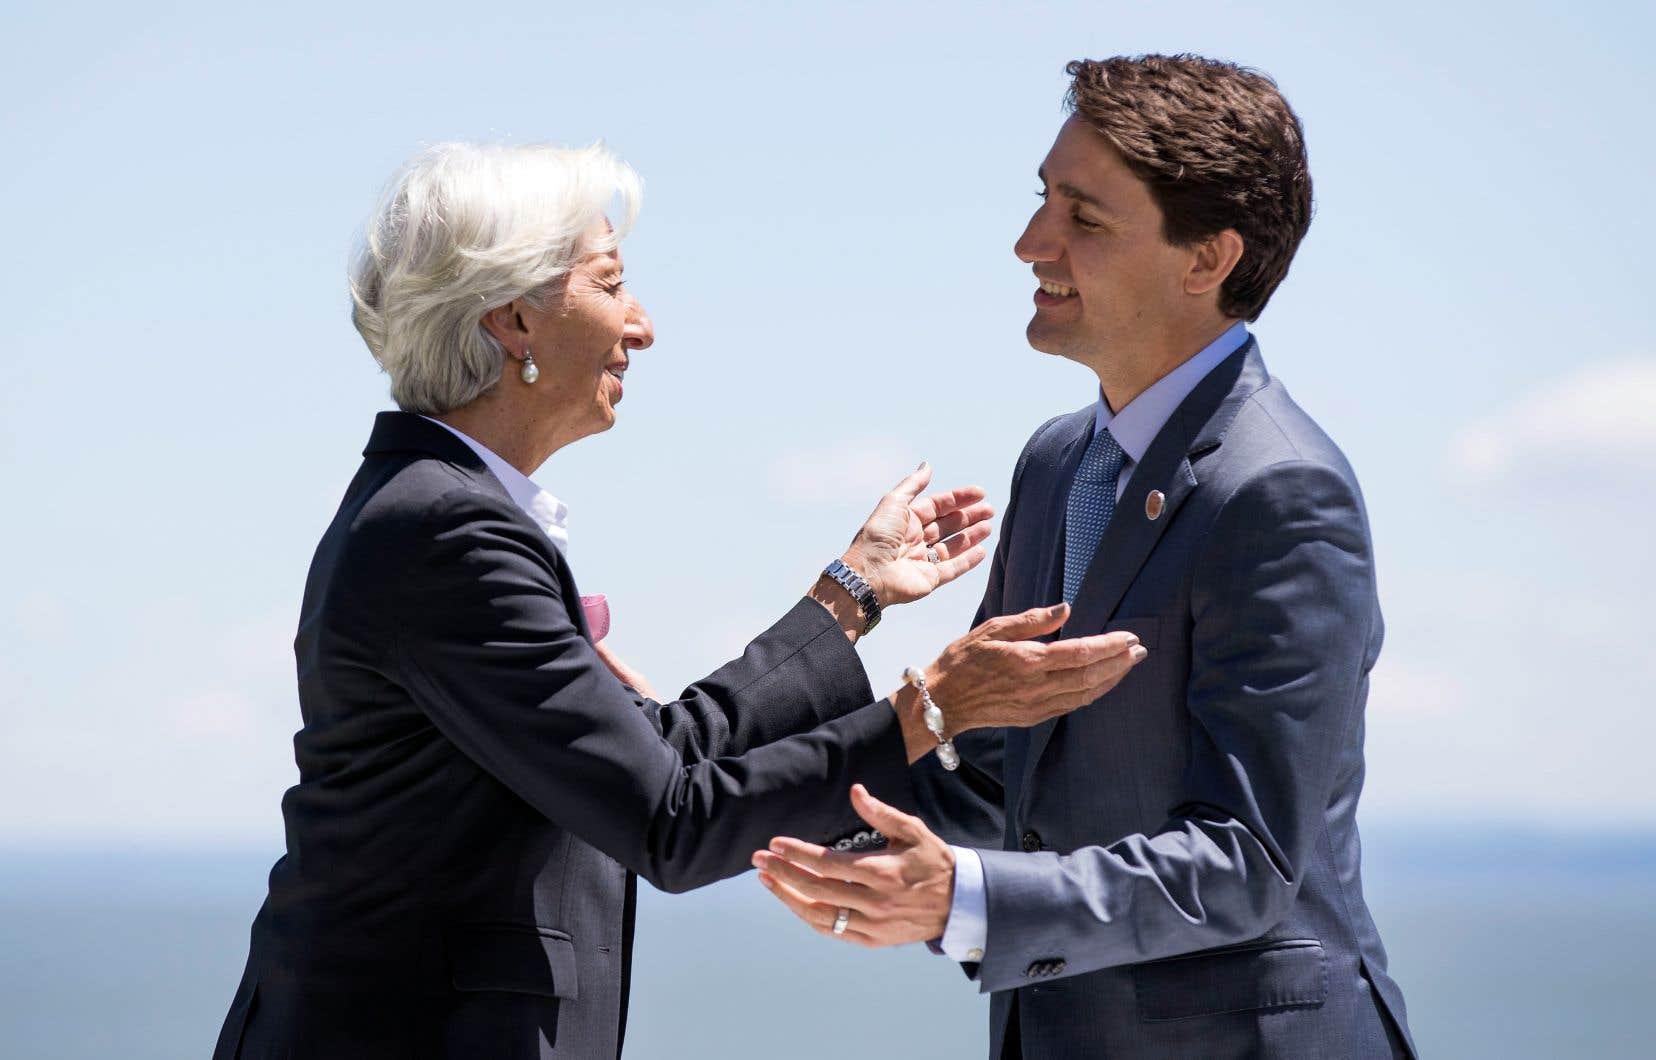 La directrice générale du FMI, Christine Lagarde, et le premier ministre canadien, Justin Trudeau, en juin 2018 à La Malbaie, à l'occasion de la réunion du G7